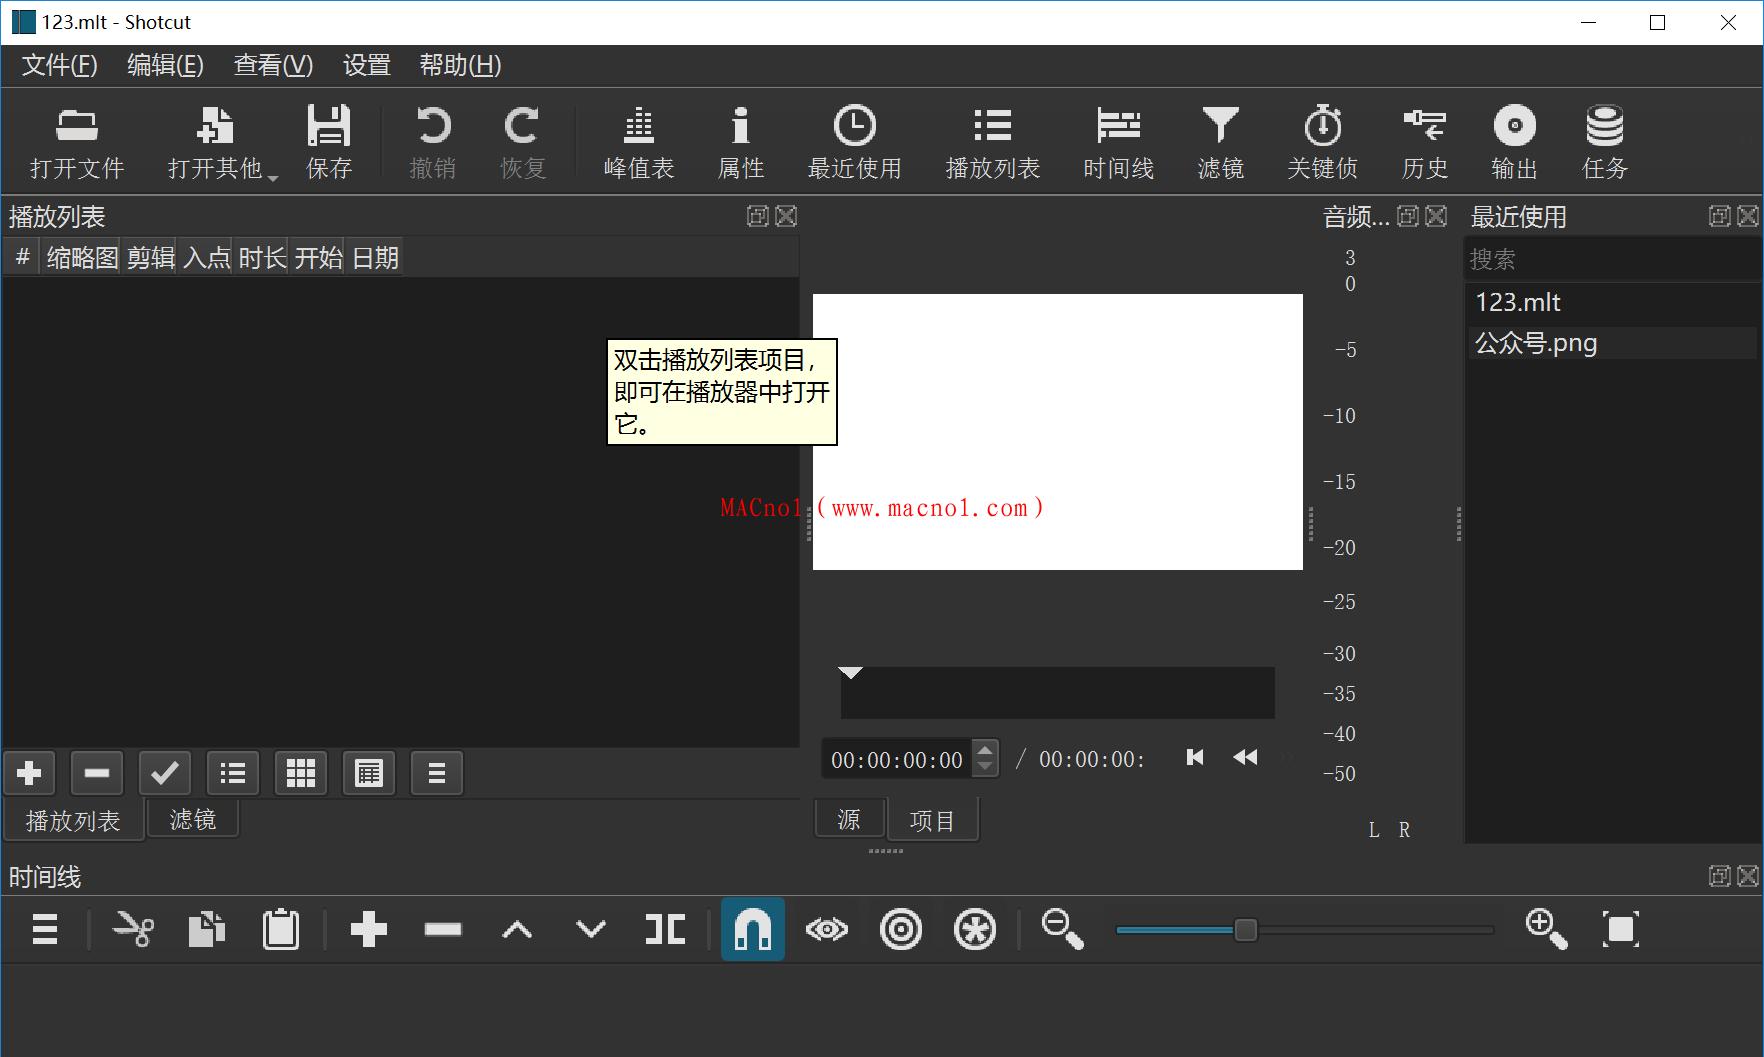 视频编辑软件 ShotCut破解版|ShotCut绿色破解版(免激活码)